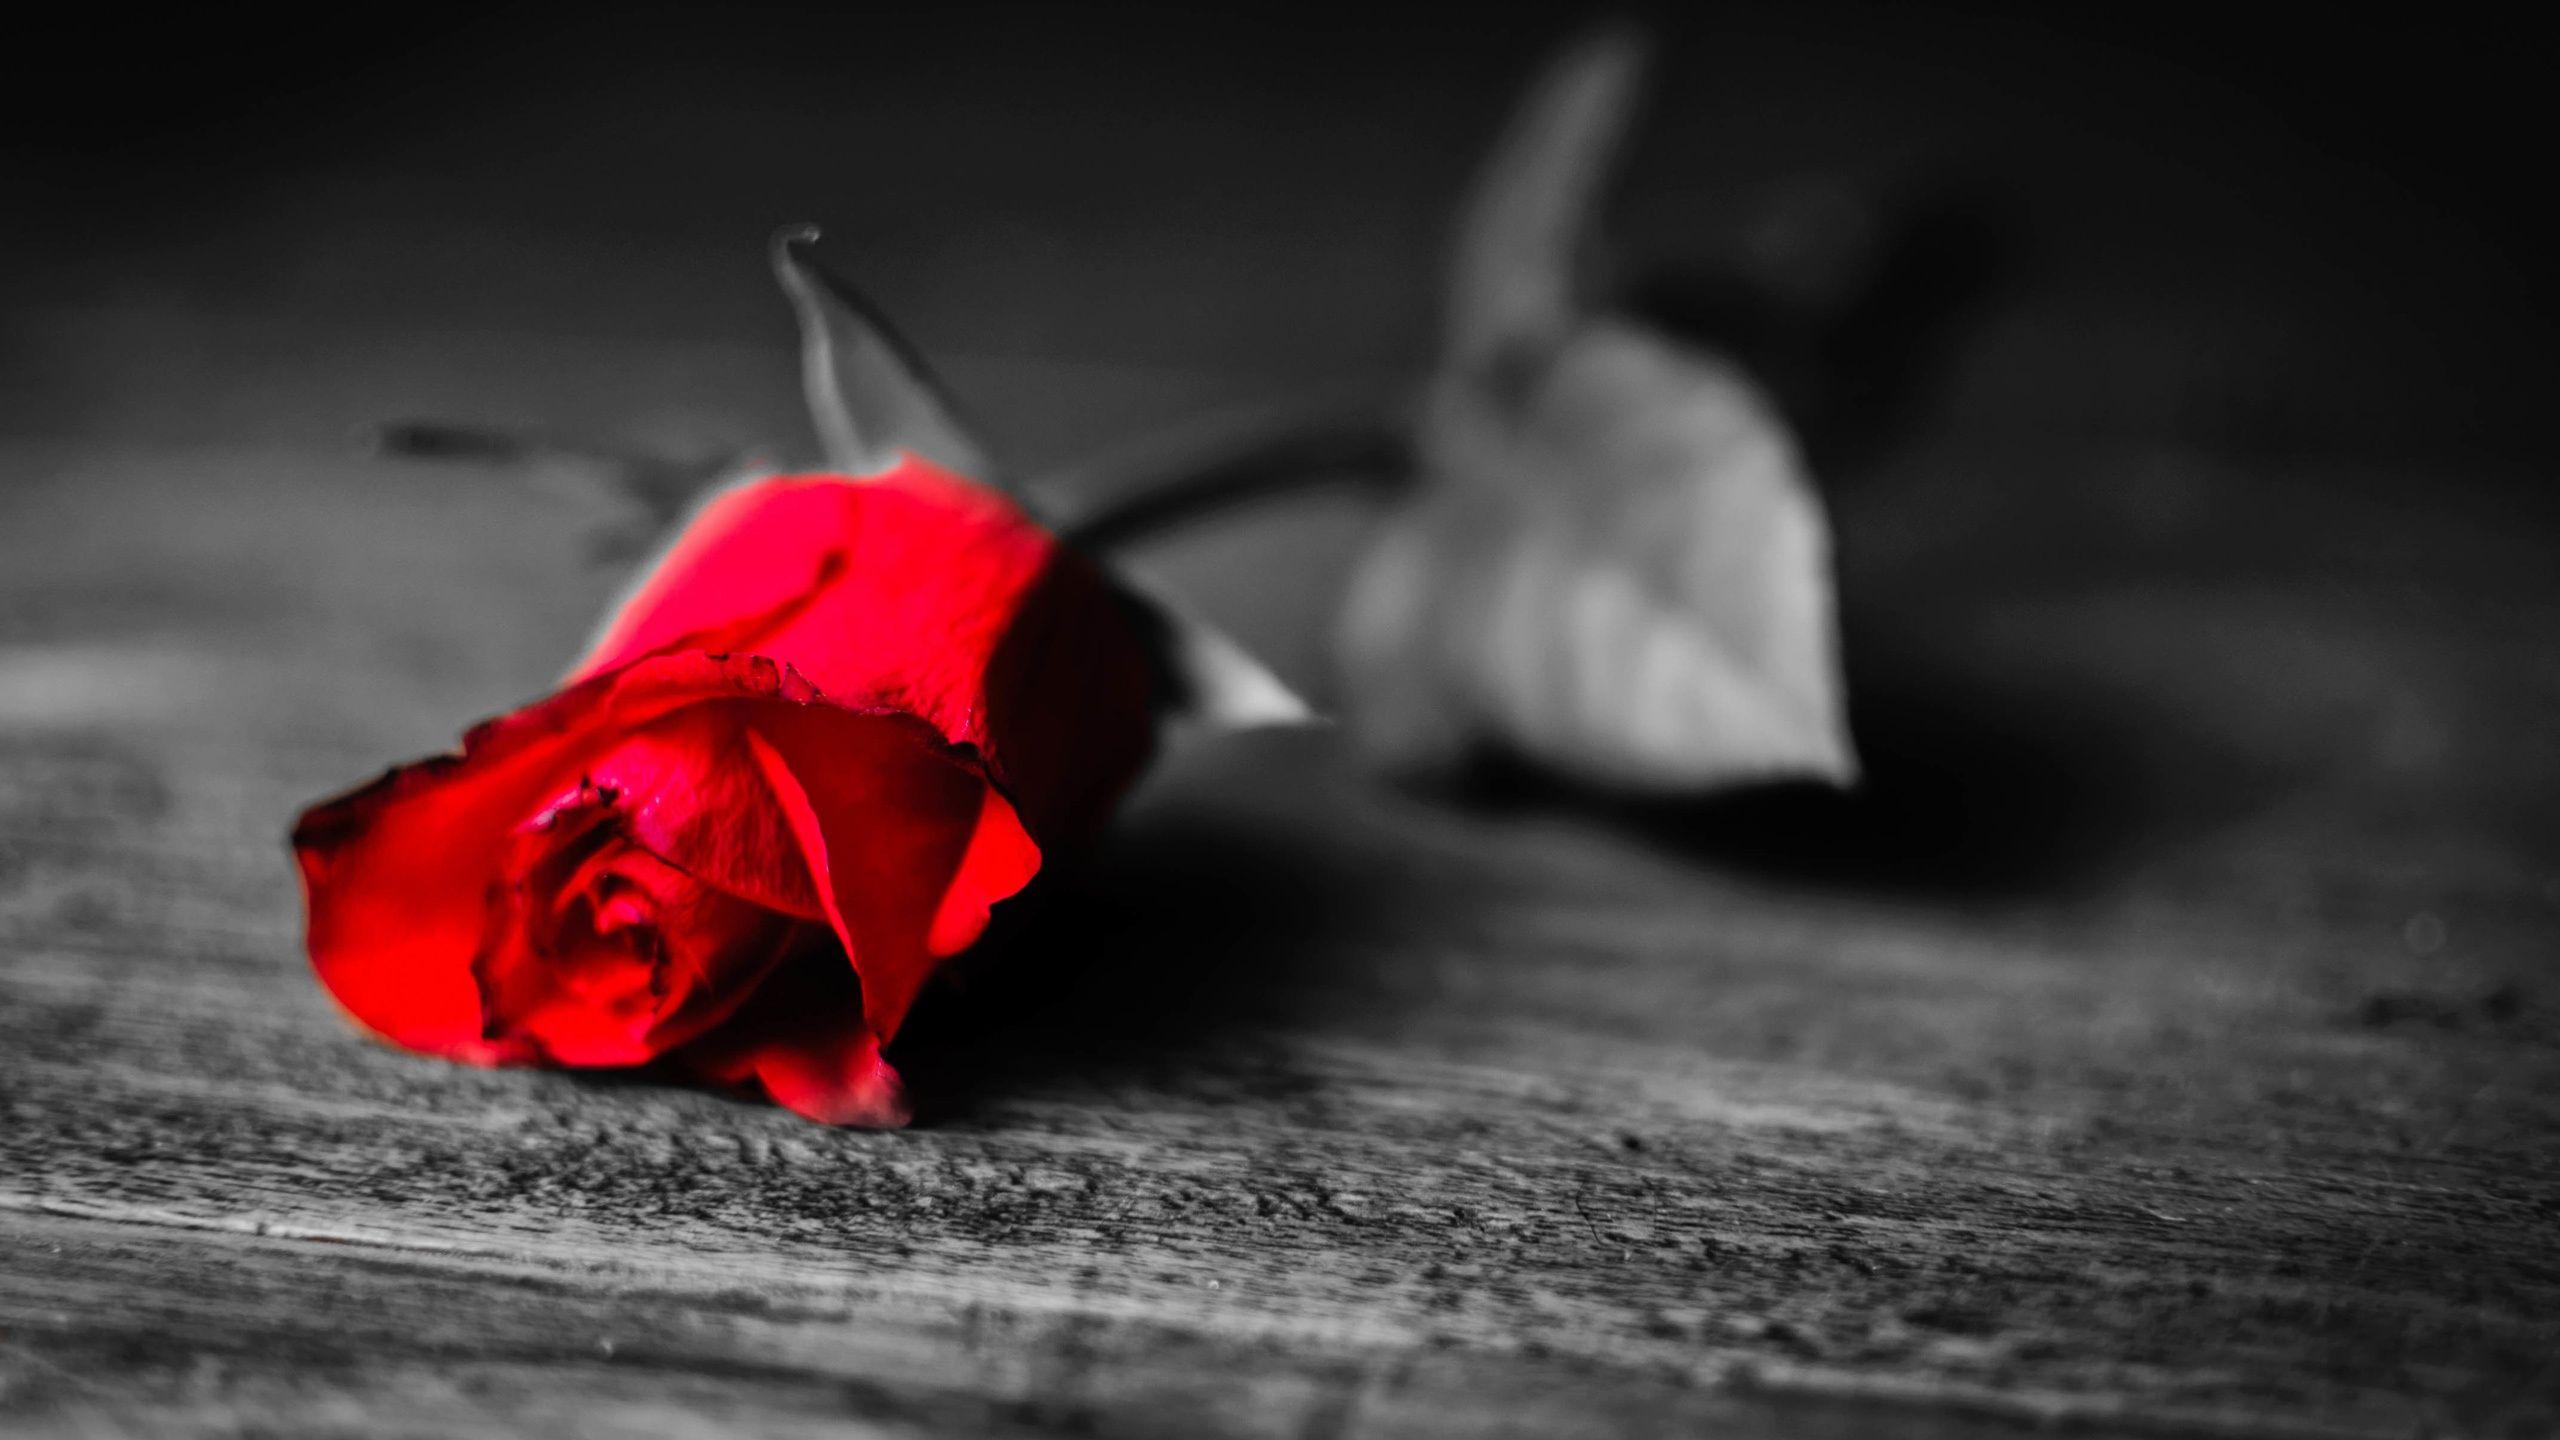 Noir Et Blanc Seulement Rose Fleur Est Rouge Fonds D Ecran